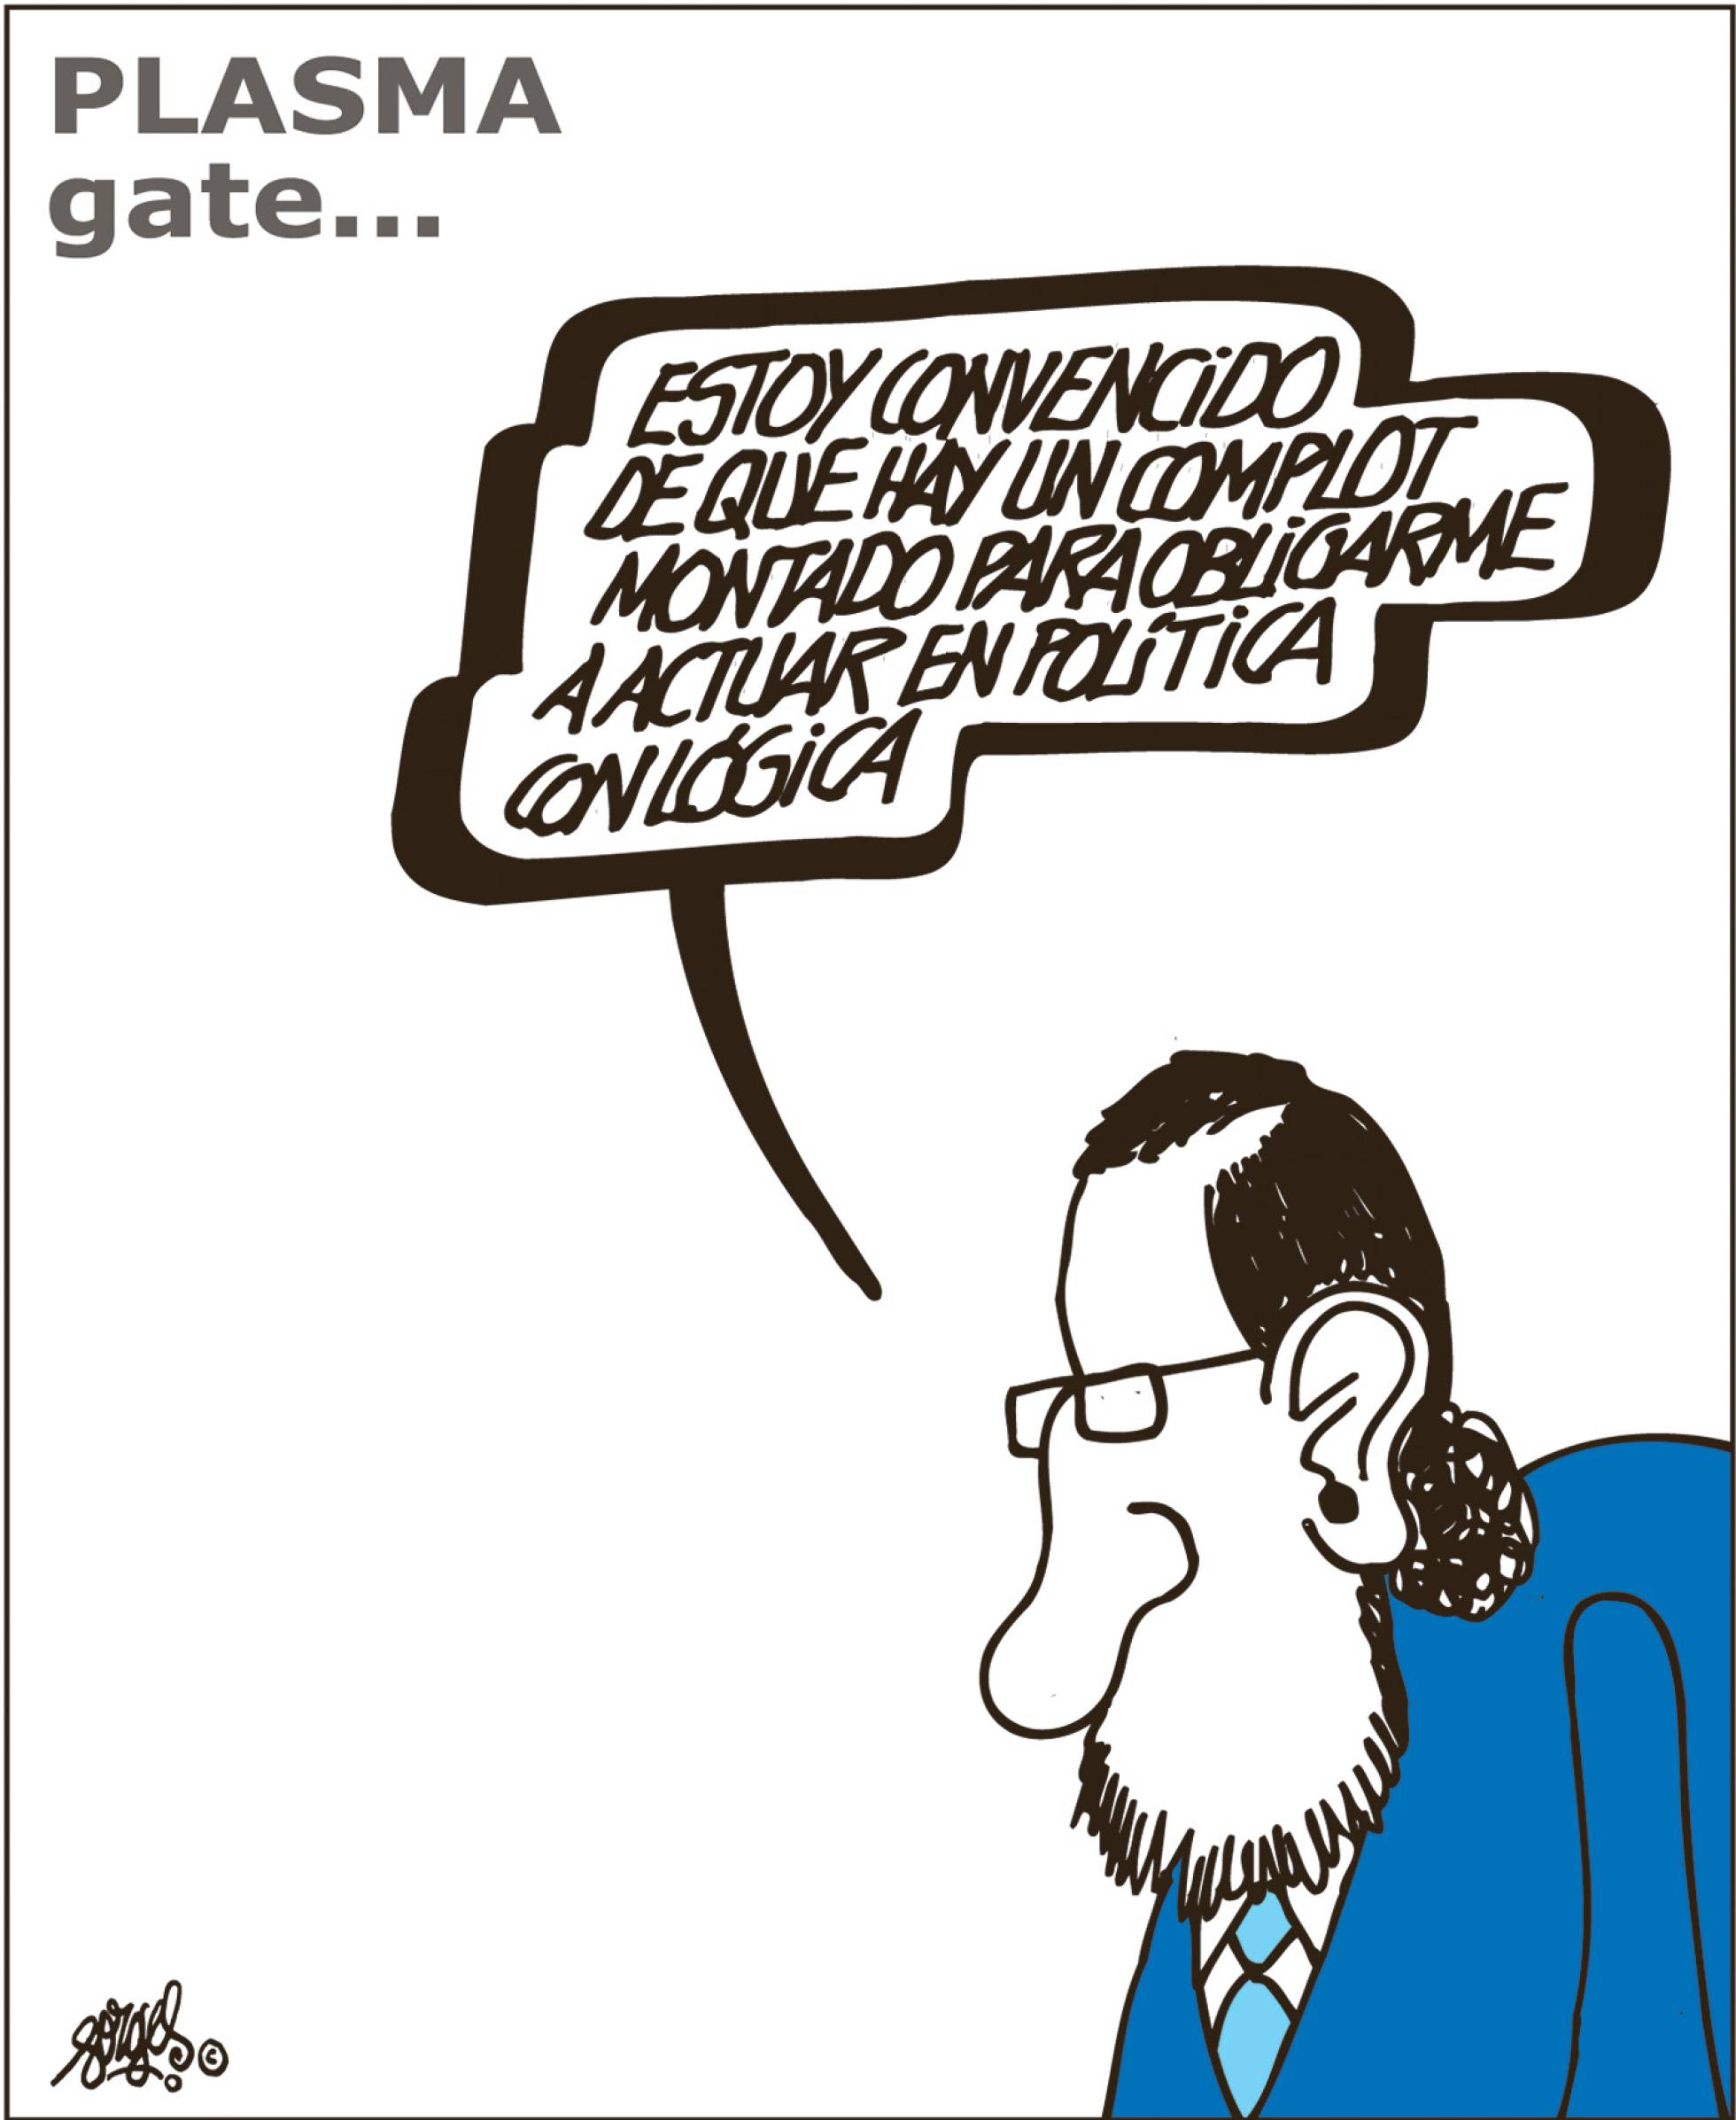 Forges, El País, 31/05/2017